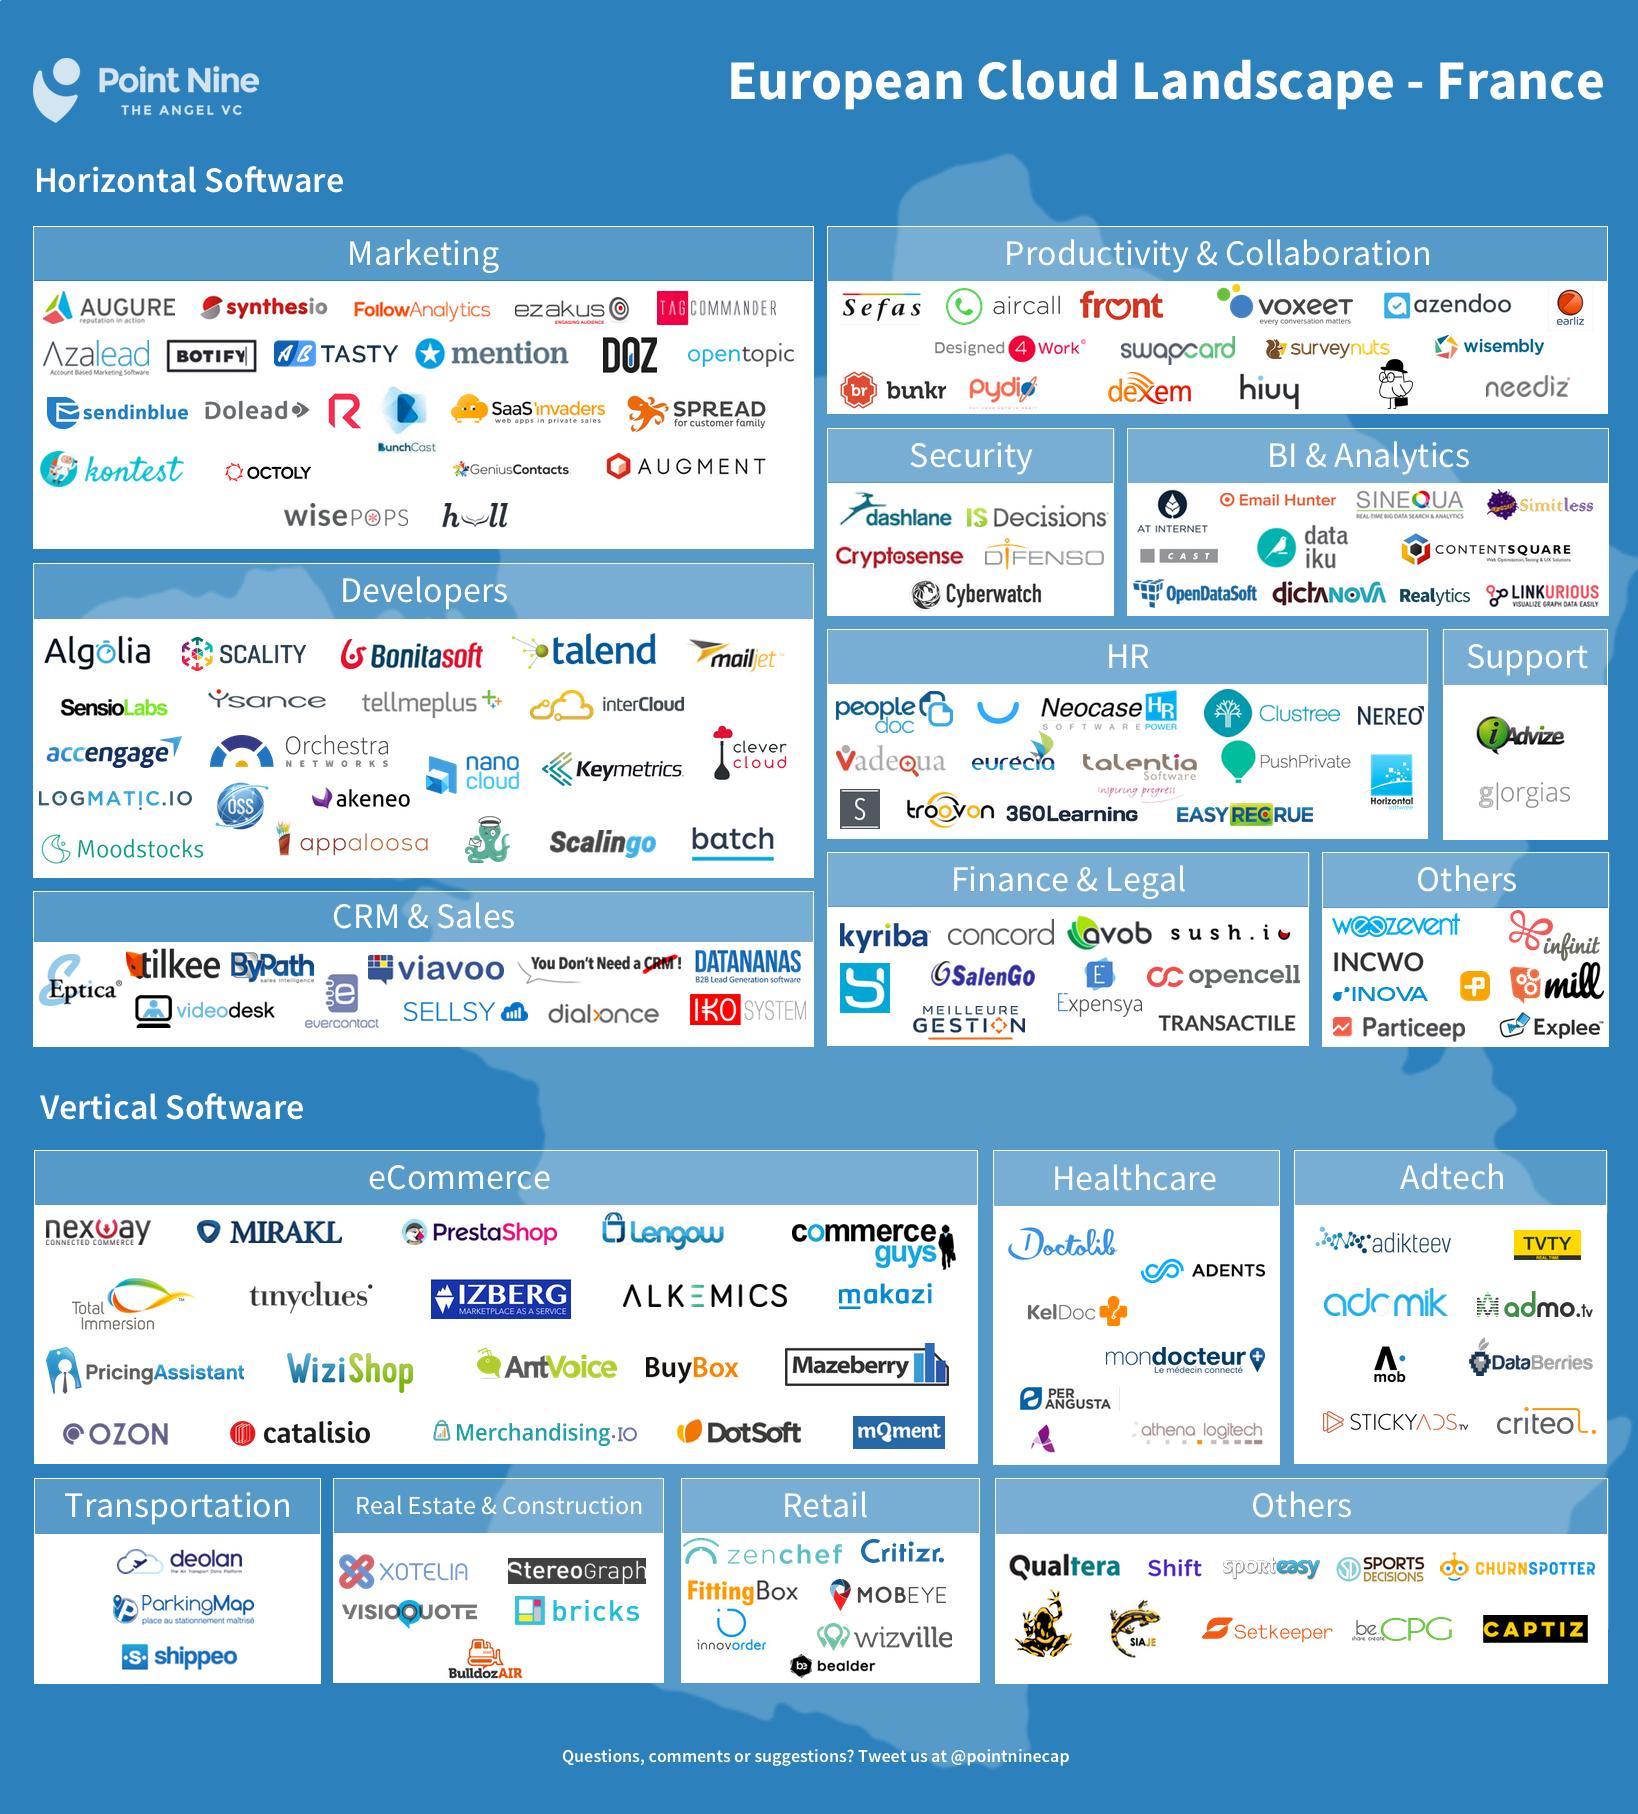 tc 0- Les 10 meilleurs business en ligne en 2021; Comment gagner 10 000 euros par mois